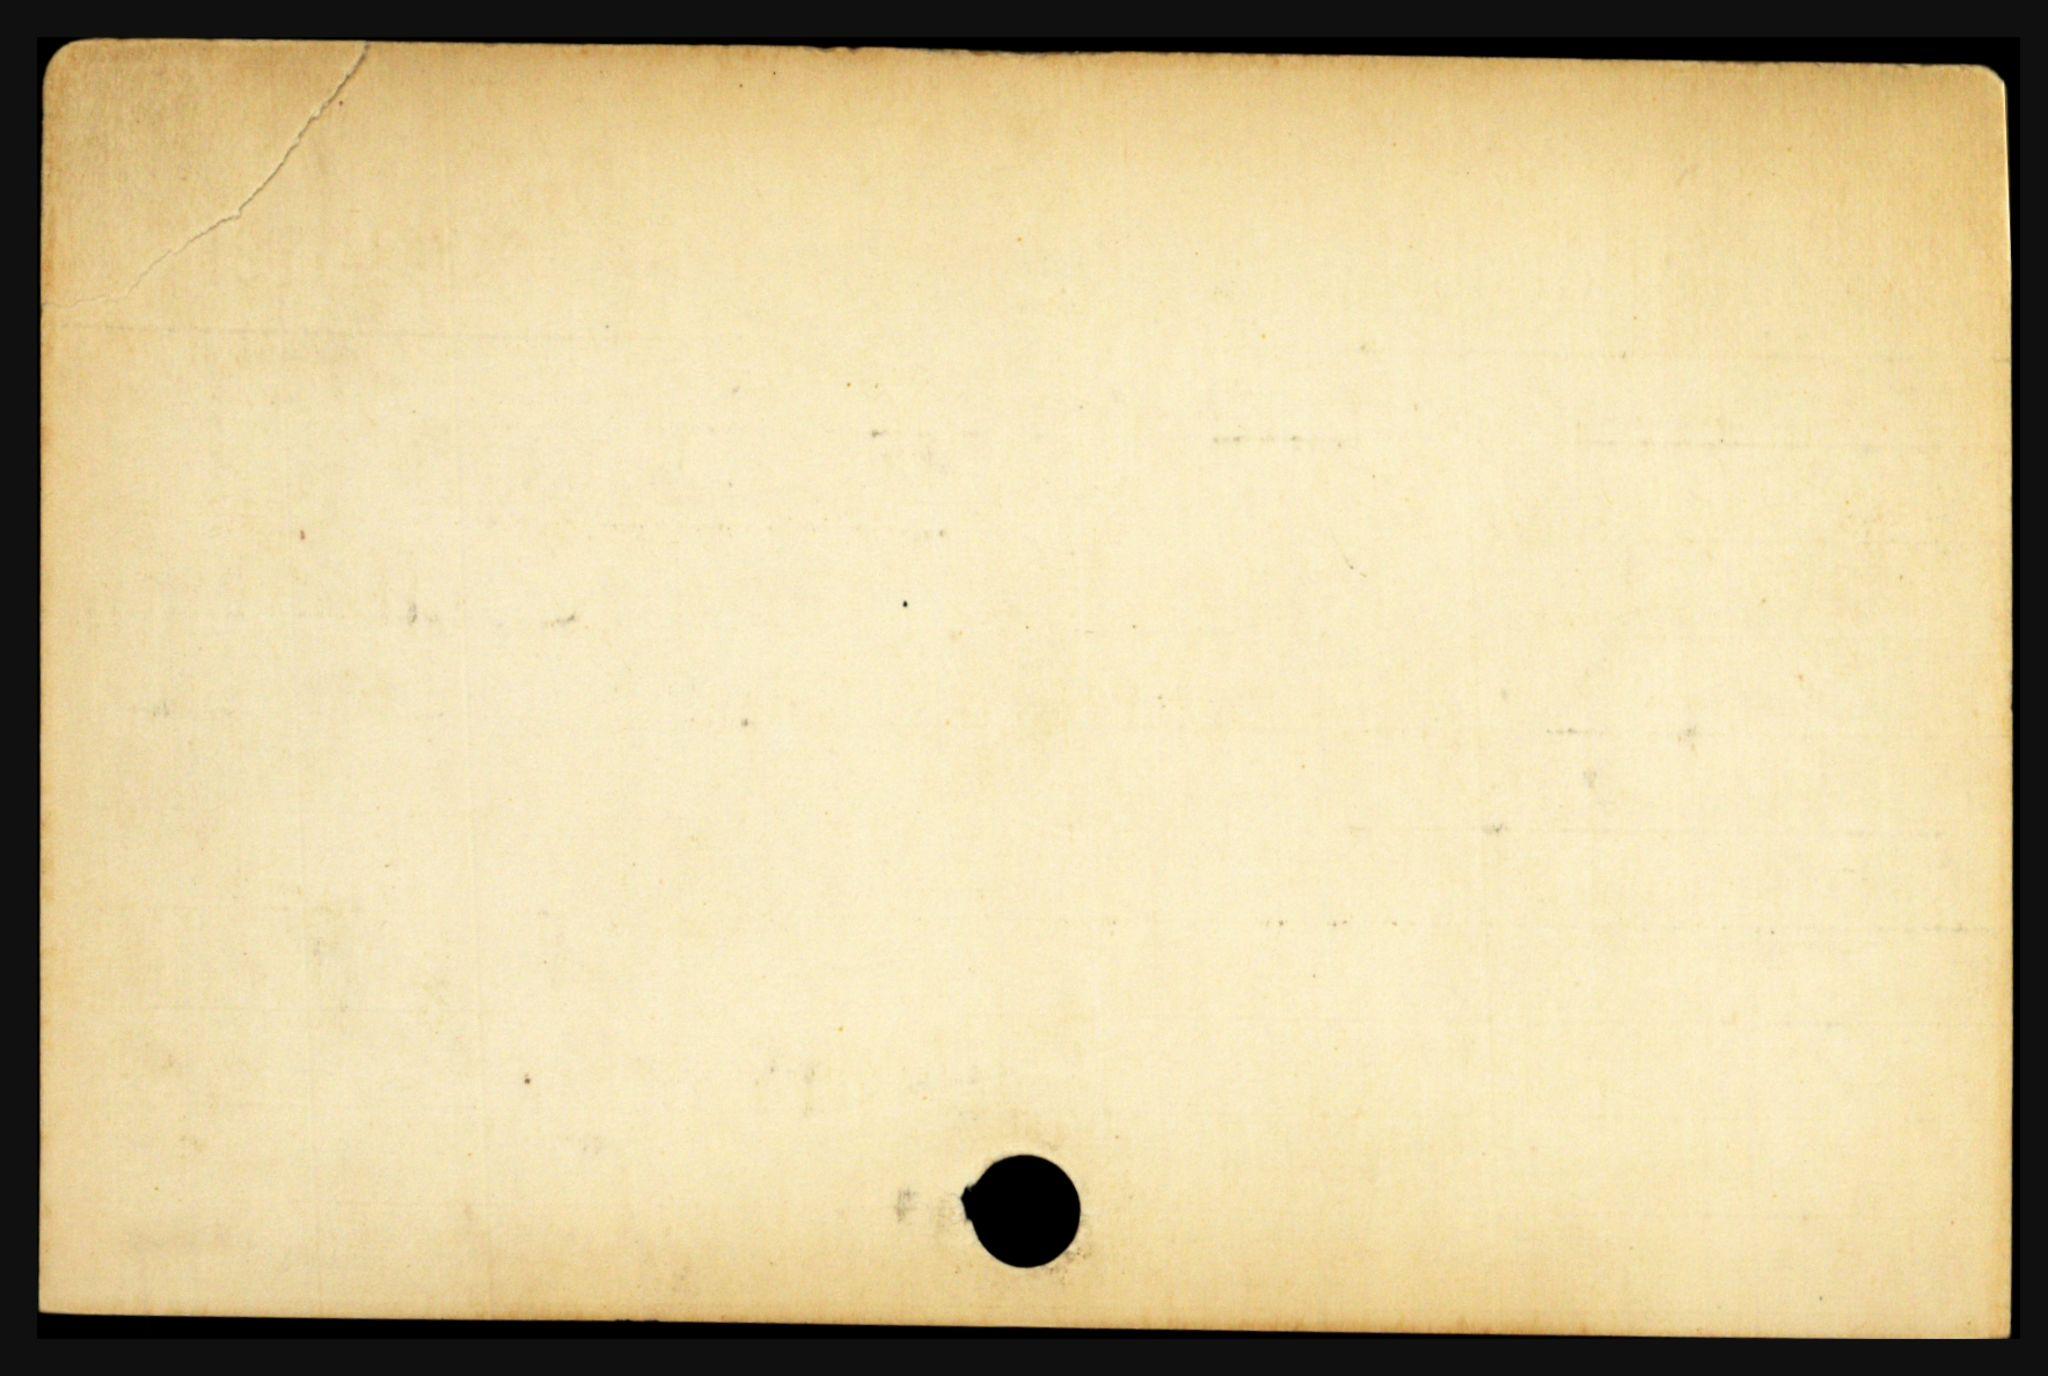 SAH, Sør-Gudbrandsdal tingrett, J, 1658-1885, s. 6998